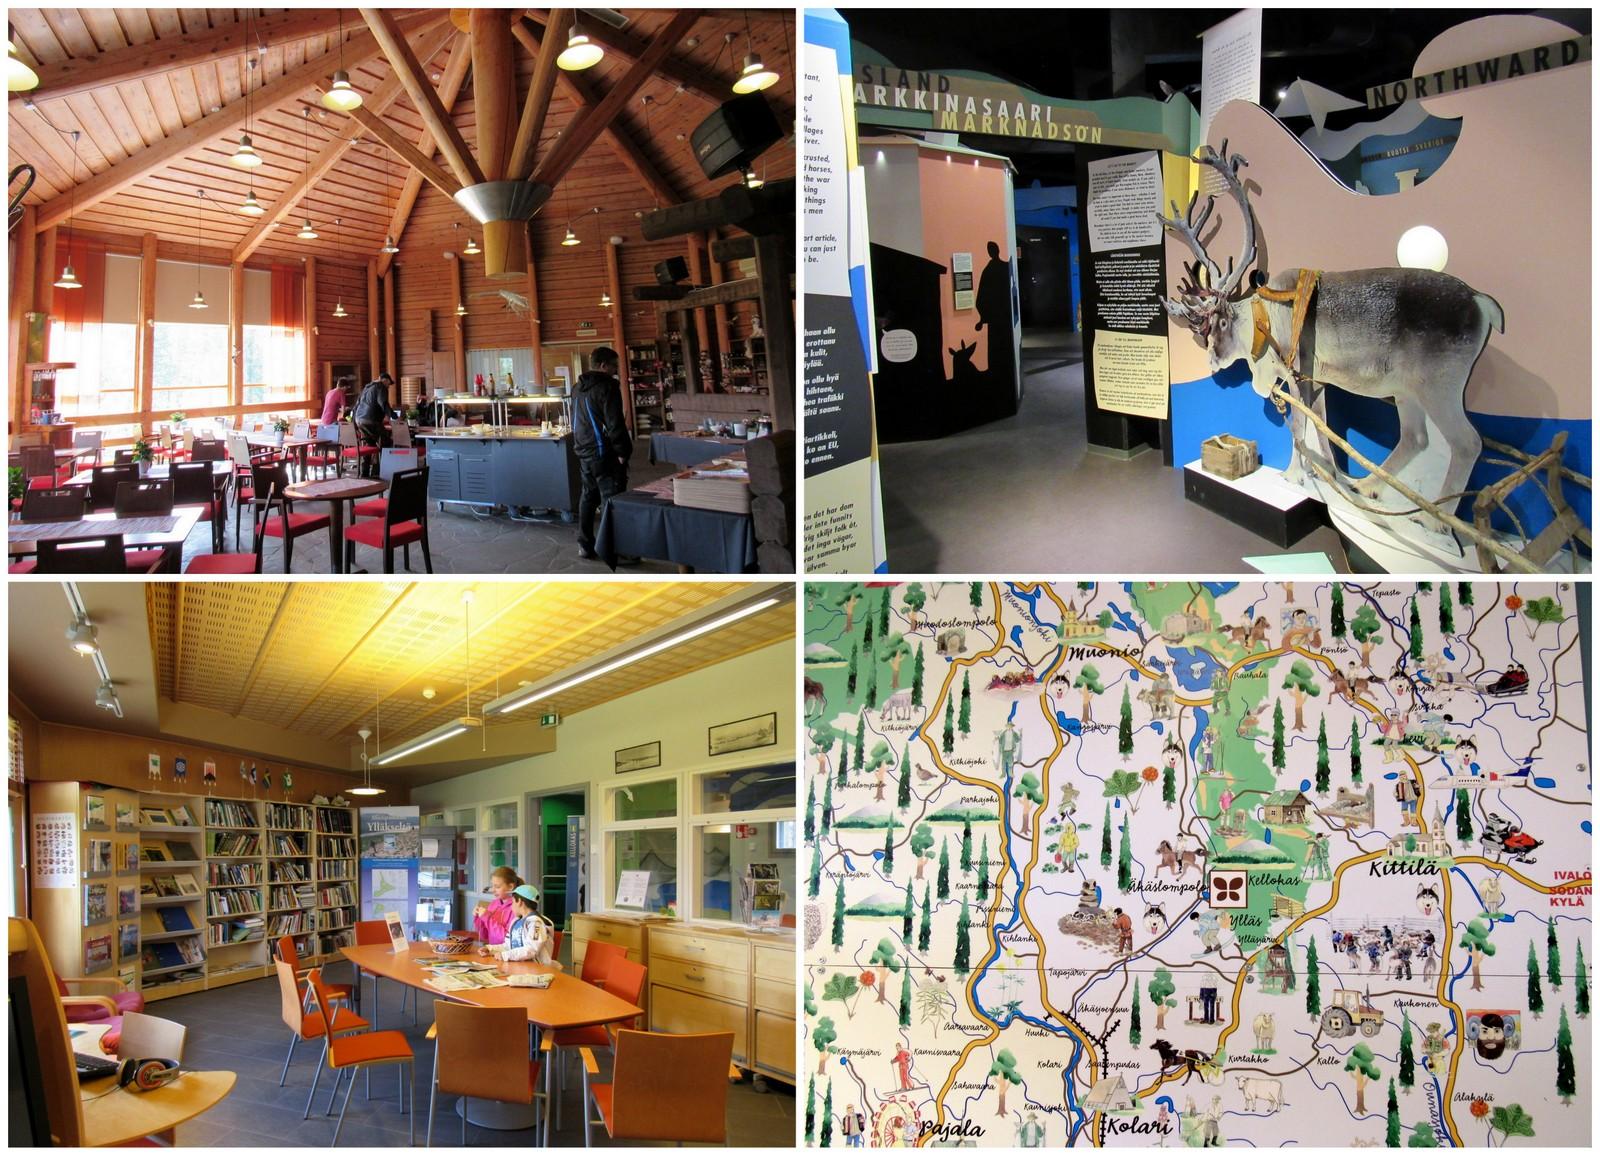 Luontokeskus Kellokas. Yläkerrassa on mm. ravintola ja kirjasto, alakerrassa korkeatasoisesti toteutettu näyttely.